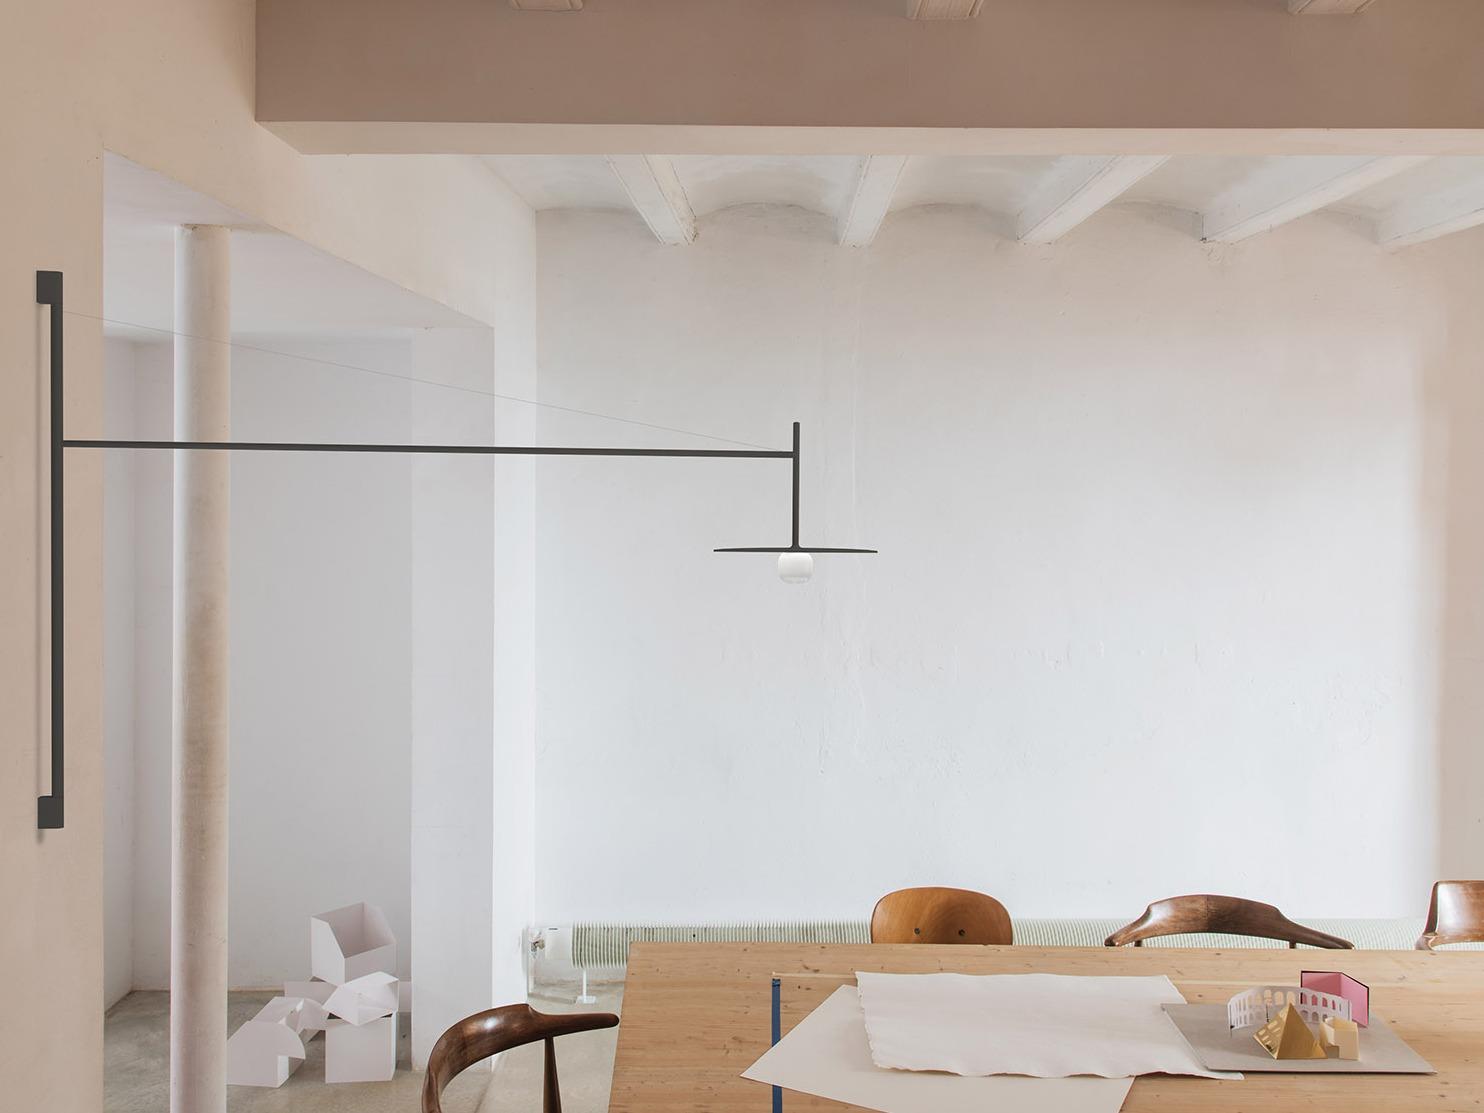 巴塞罗那TEMPO灯具系列,轻盈而典雅的灯具